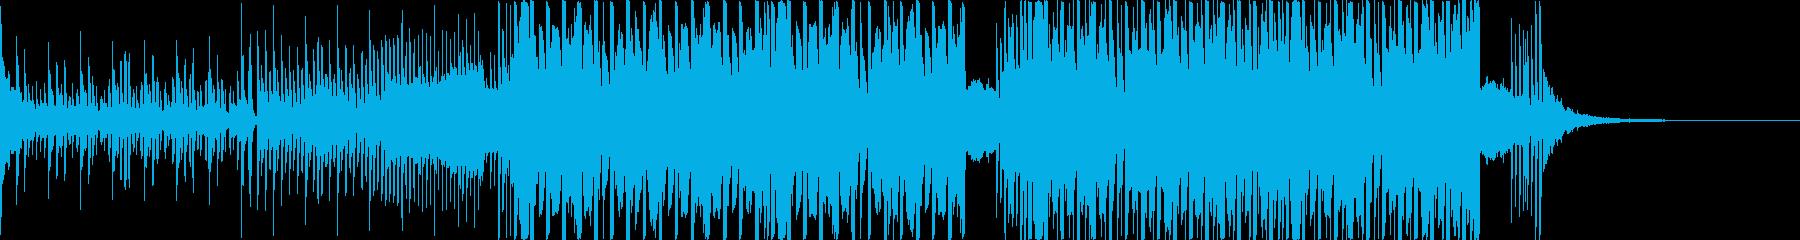 パワー ダーク 暗め 力強い EDMの再生済みの波形